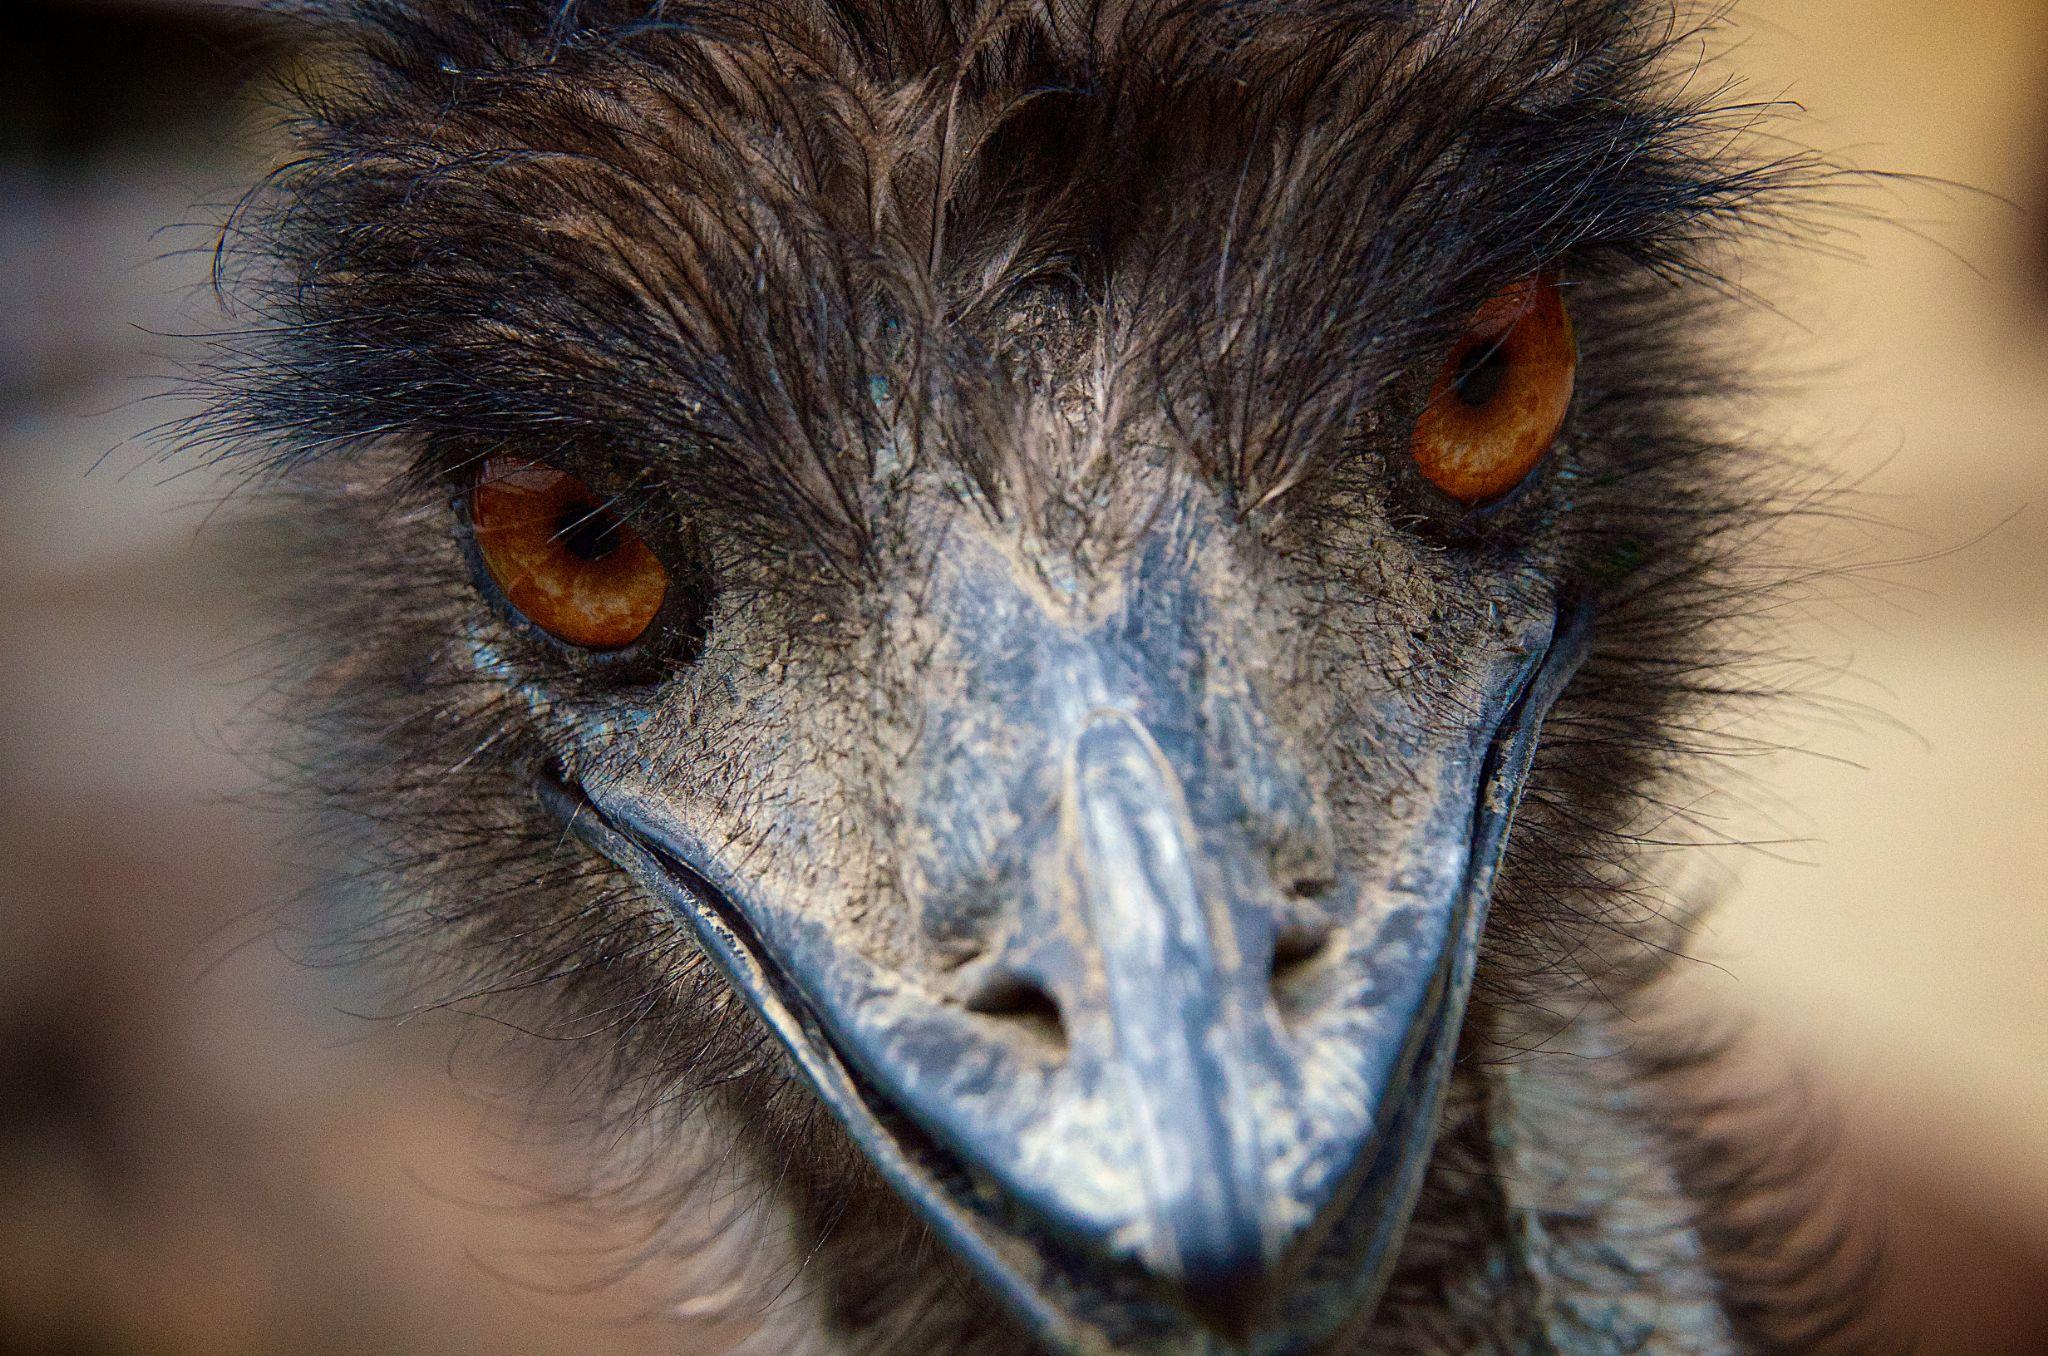 Emu by matsuzawa